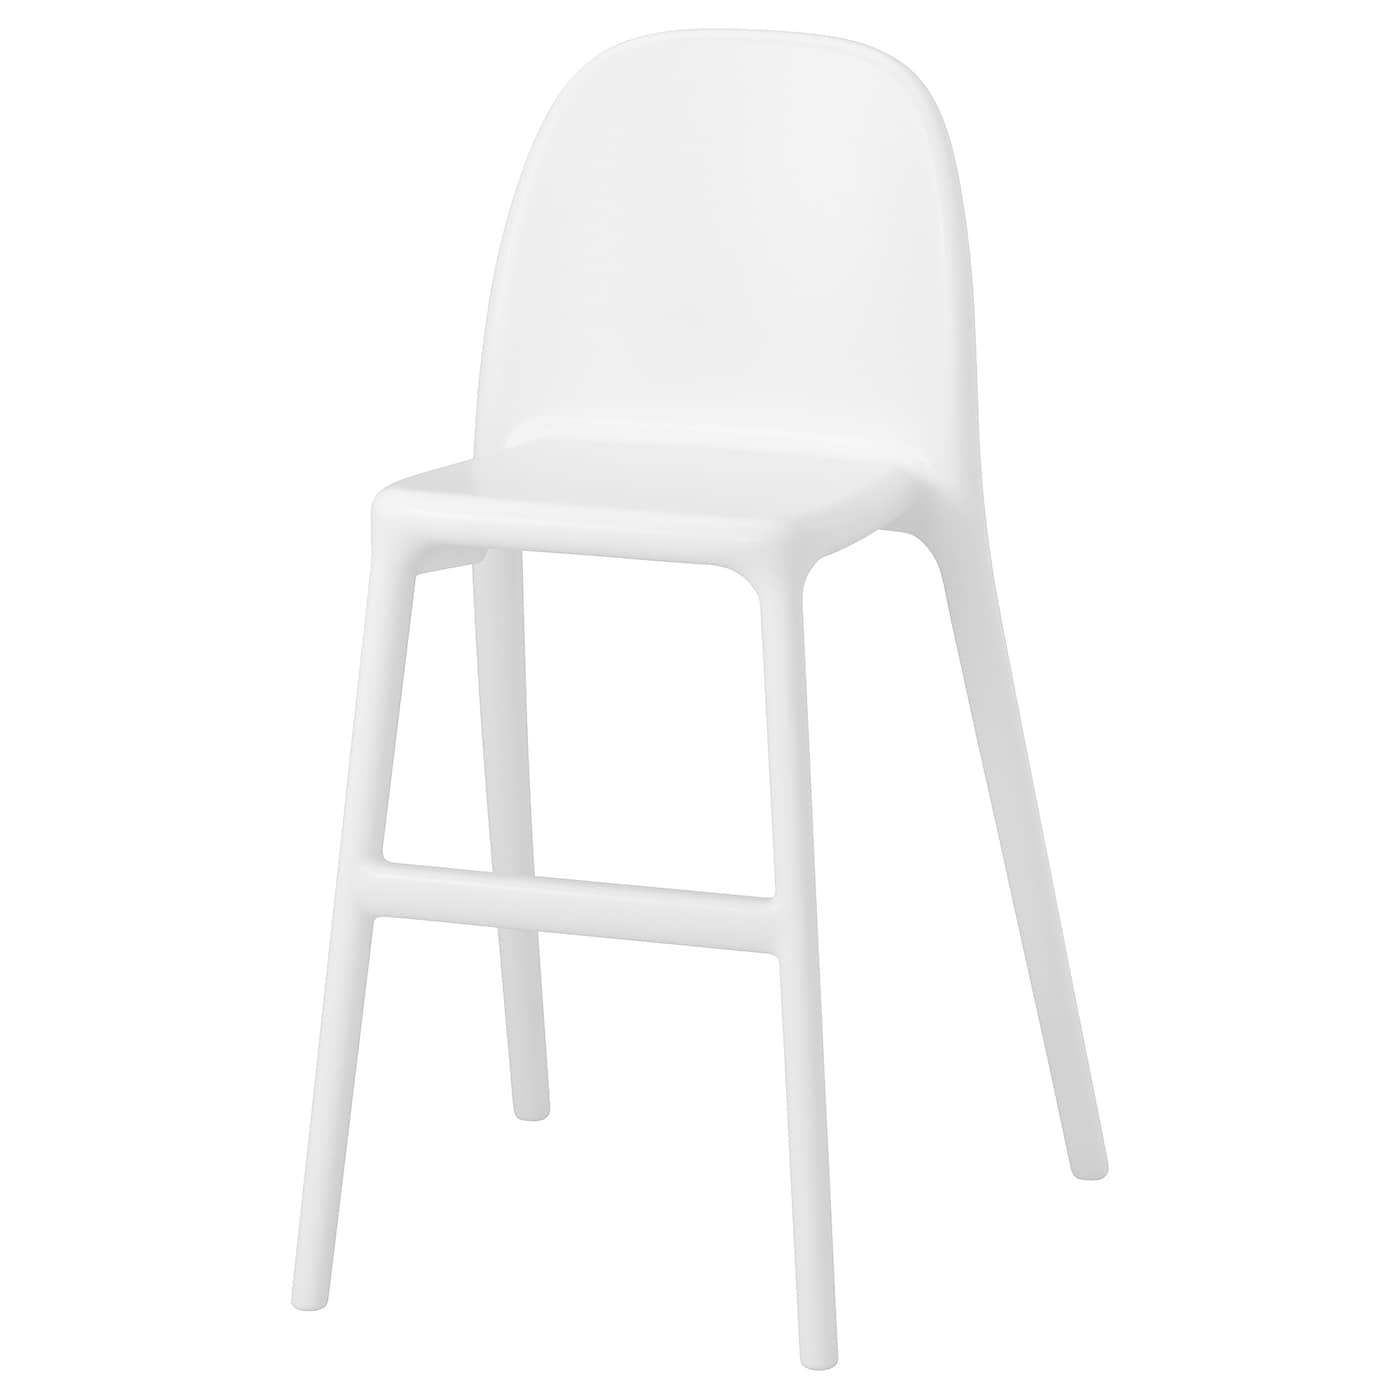 URBAN Chaise junior, blanc IKEA